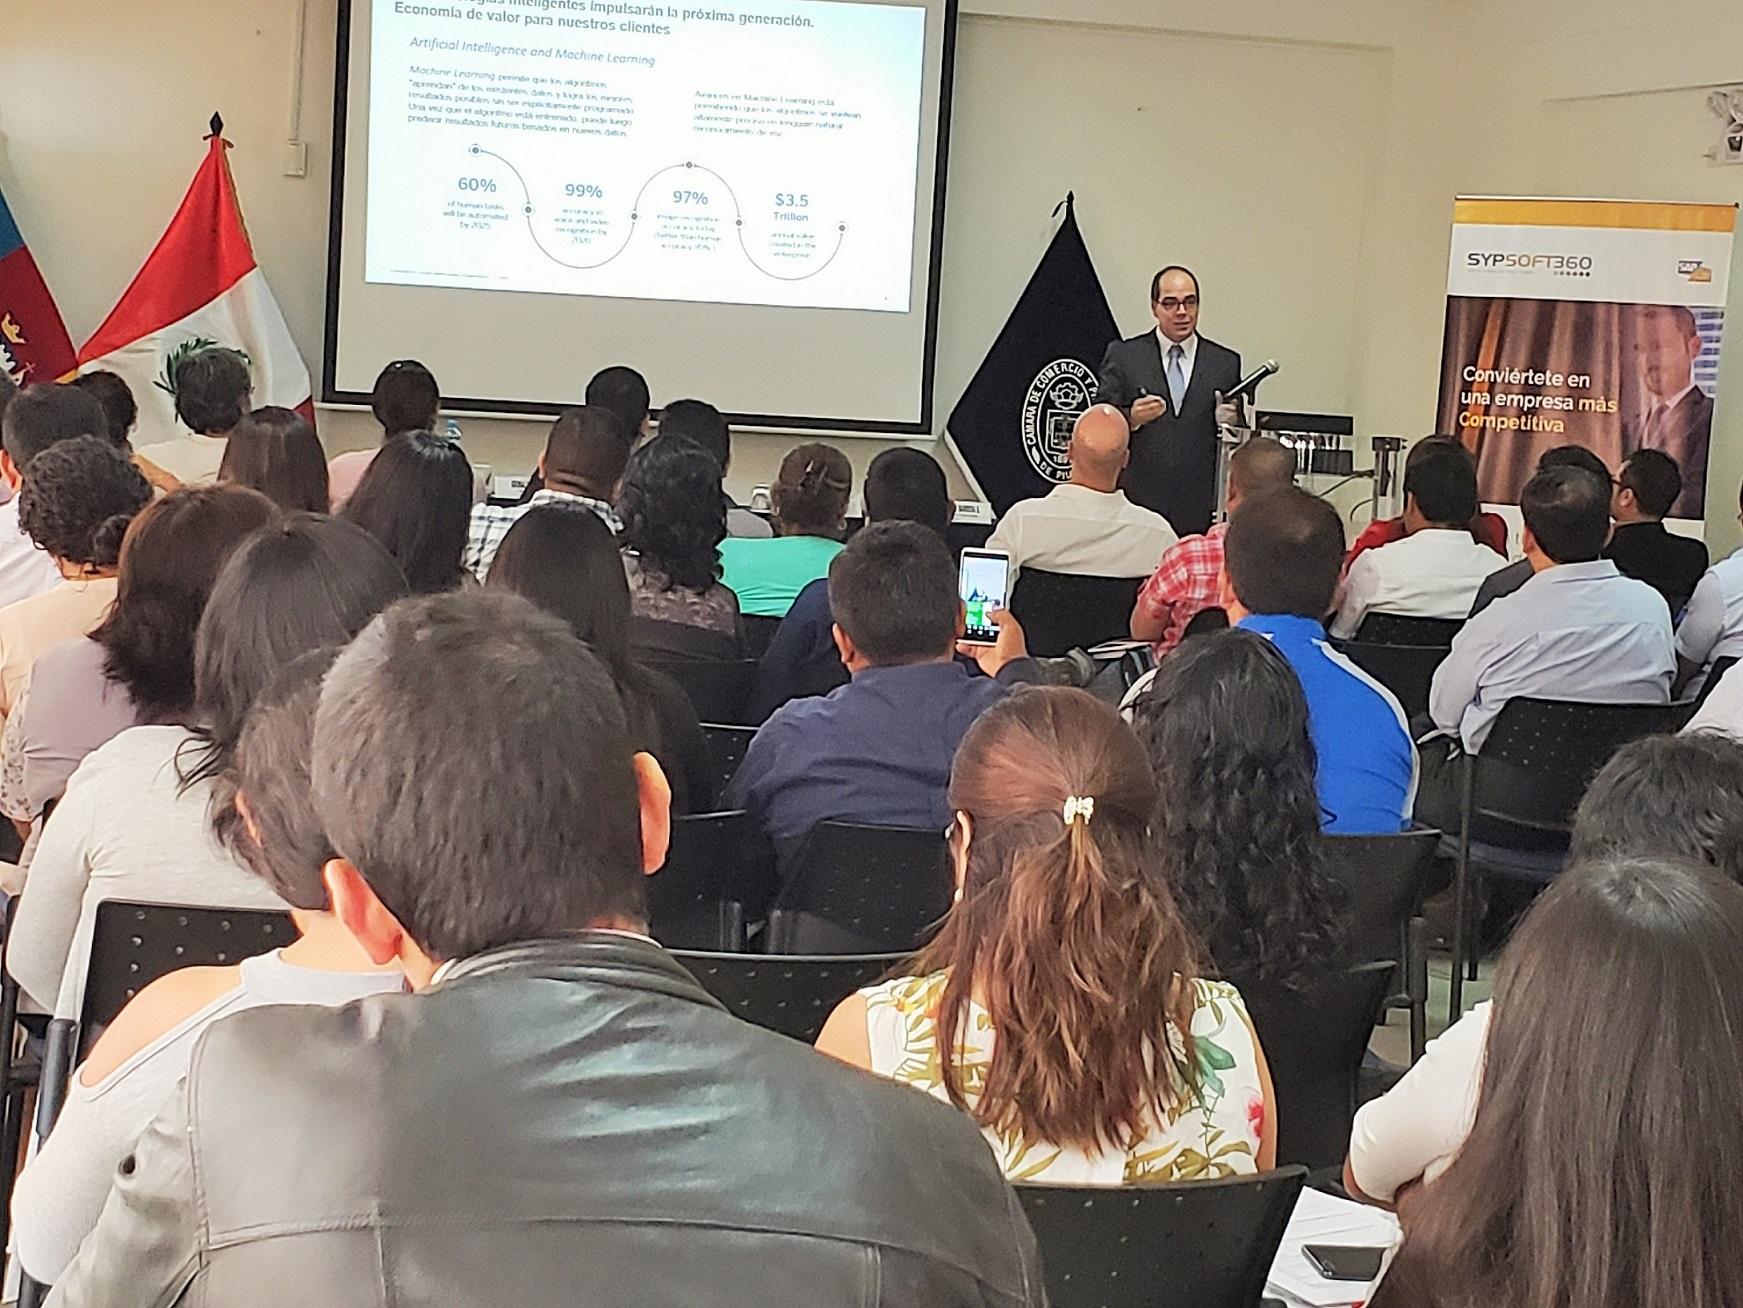 Ricardo Gargurevich de SAP - Evento con Sypsoft360 en Piura